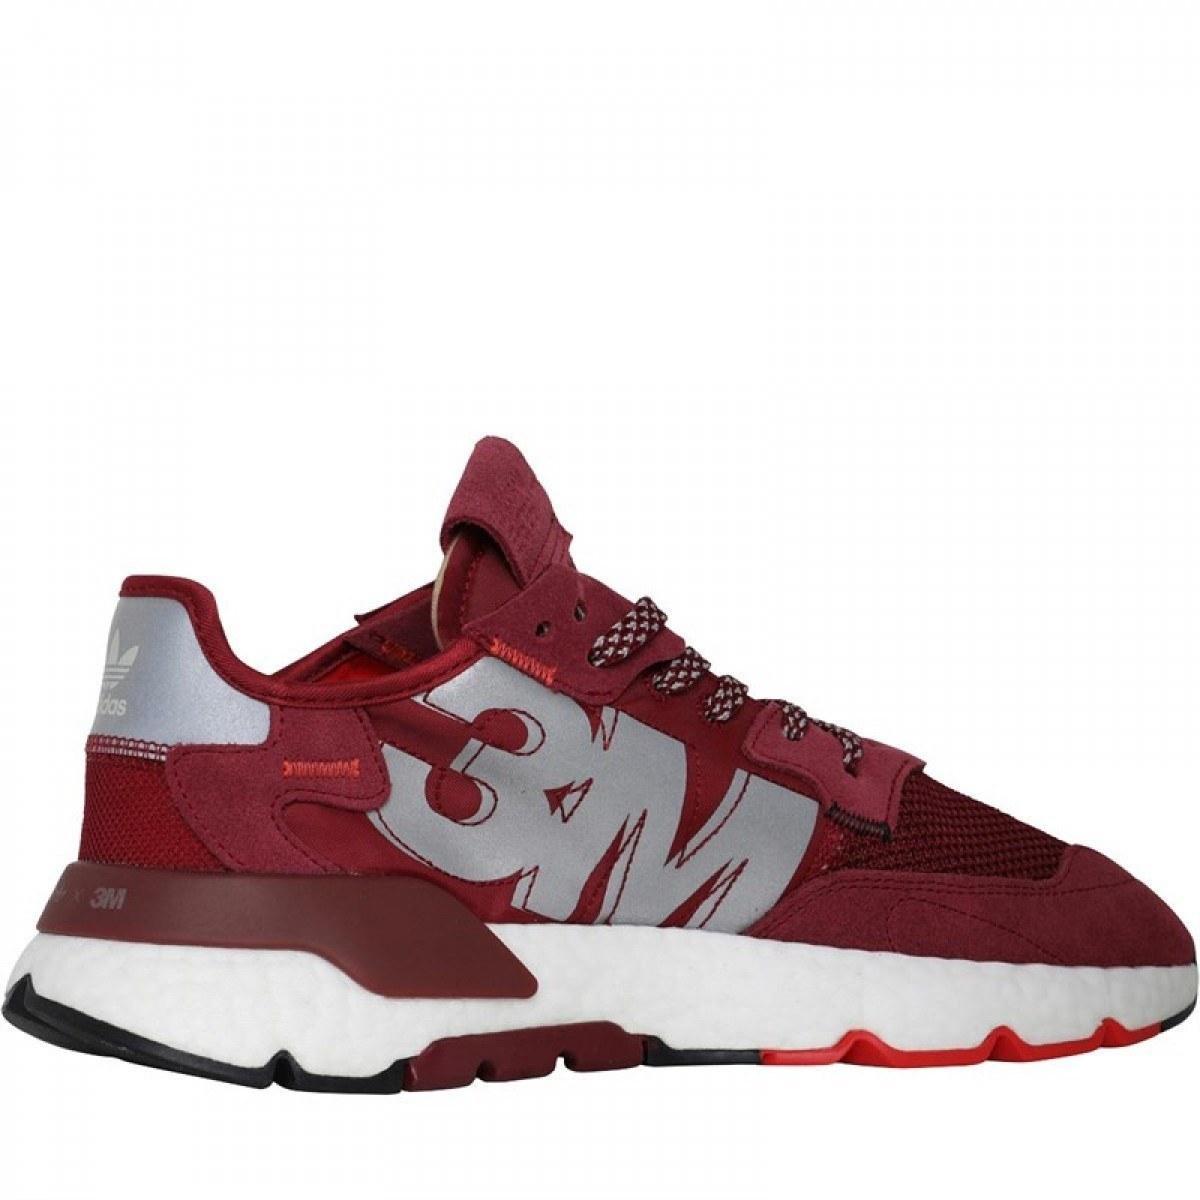 Кроссовки мужские Adidas Nite Jogger Boost текстильные красные Адидас (Топ реплика ААА+)